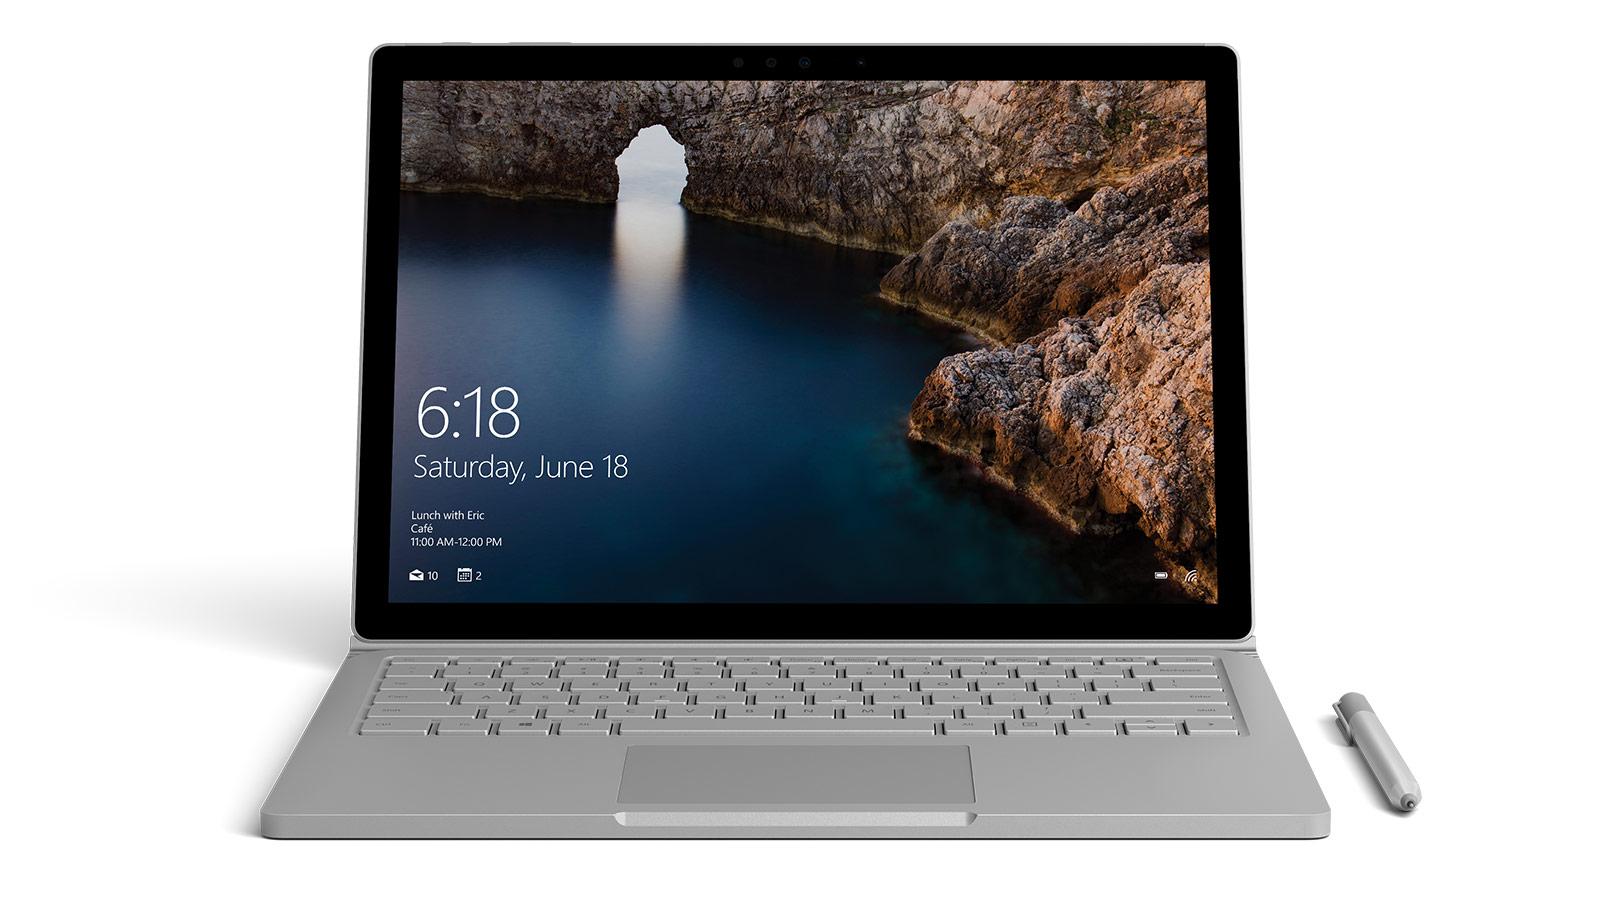 Vorderseite des Surface Book mit dem Bild eines Eisbergs in Photoshop